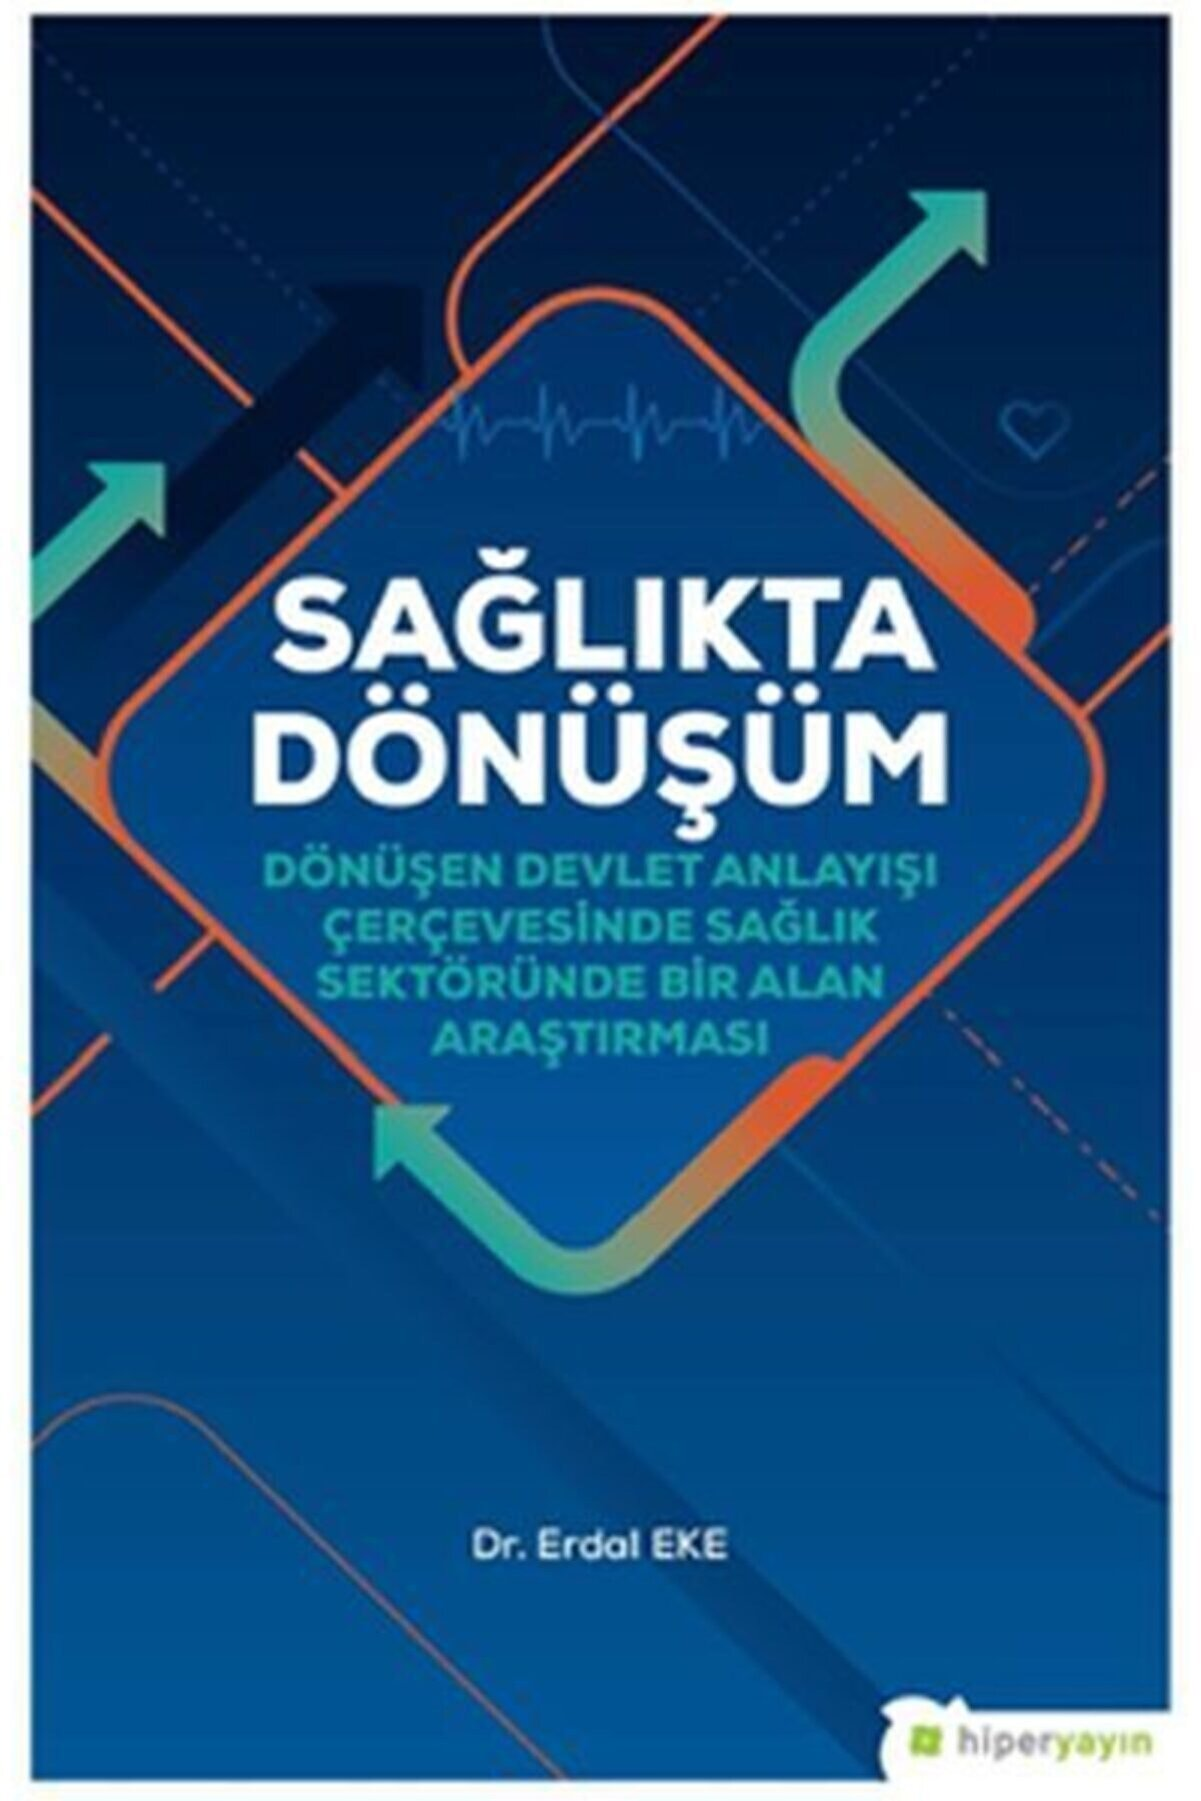 Hiperlink Yayınları Sağlıkta Dönüşüm Dönüşen Devlet Anlayışı Çerçevesinde Sağlık Sektöründe Bir Alan Araştırması